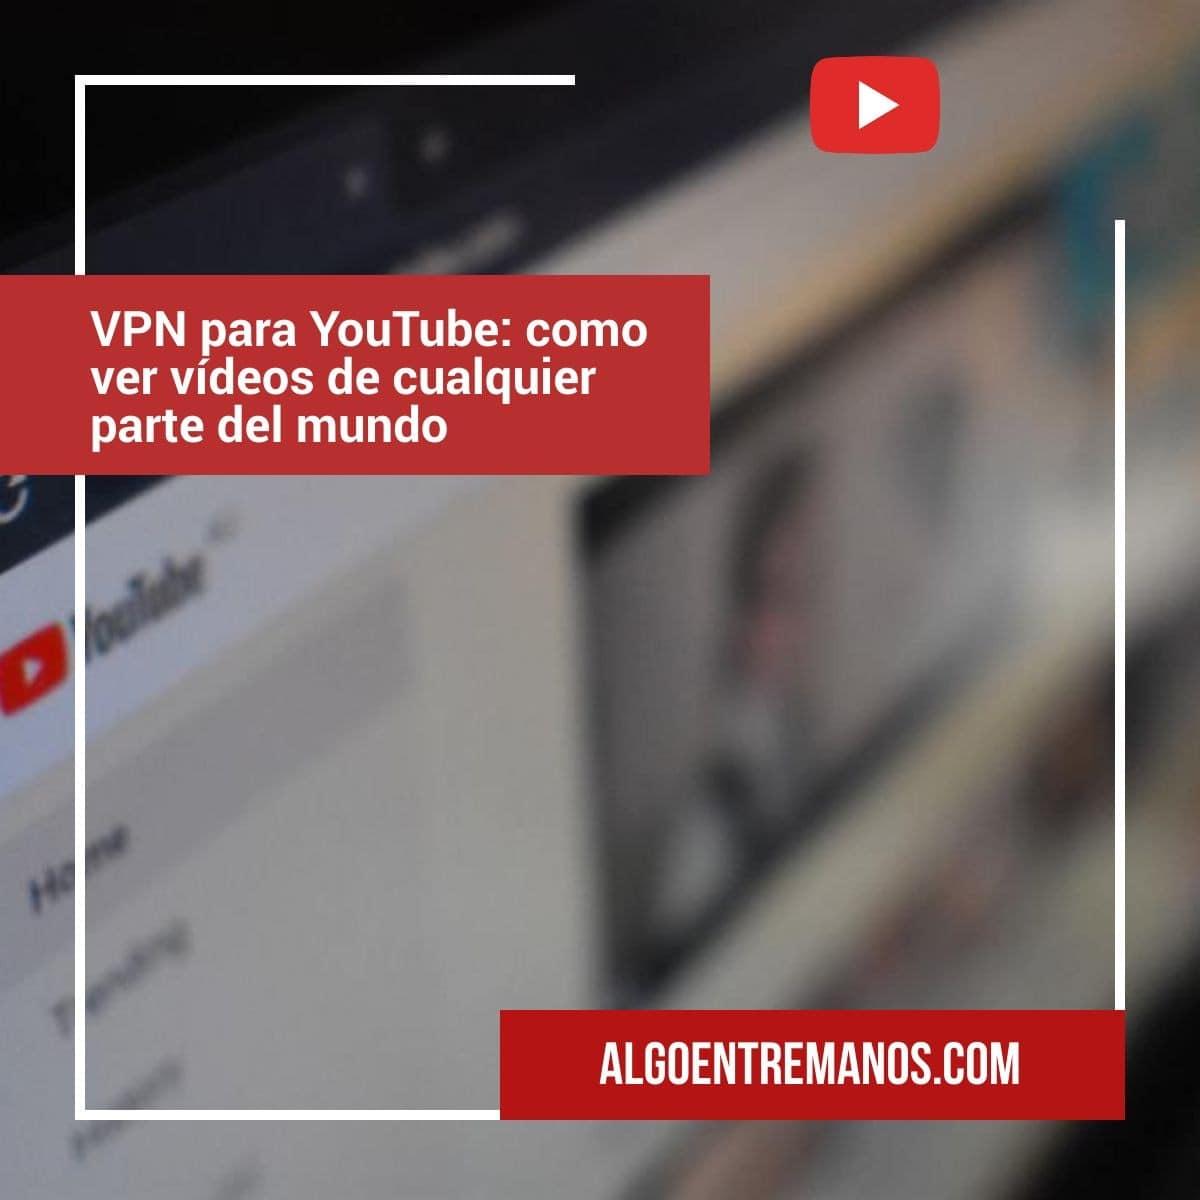 VPN para YouTube: como ver vídeos de cualquier parte del mundo